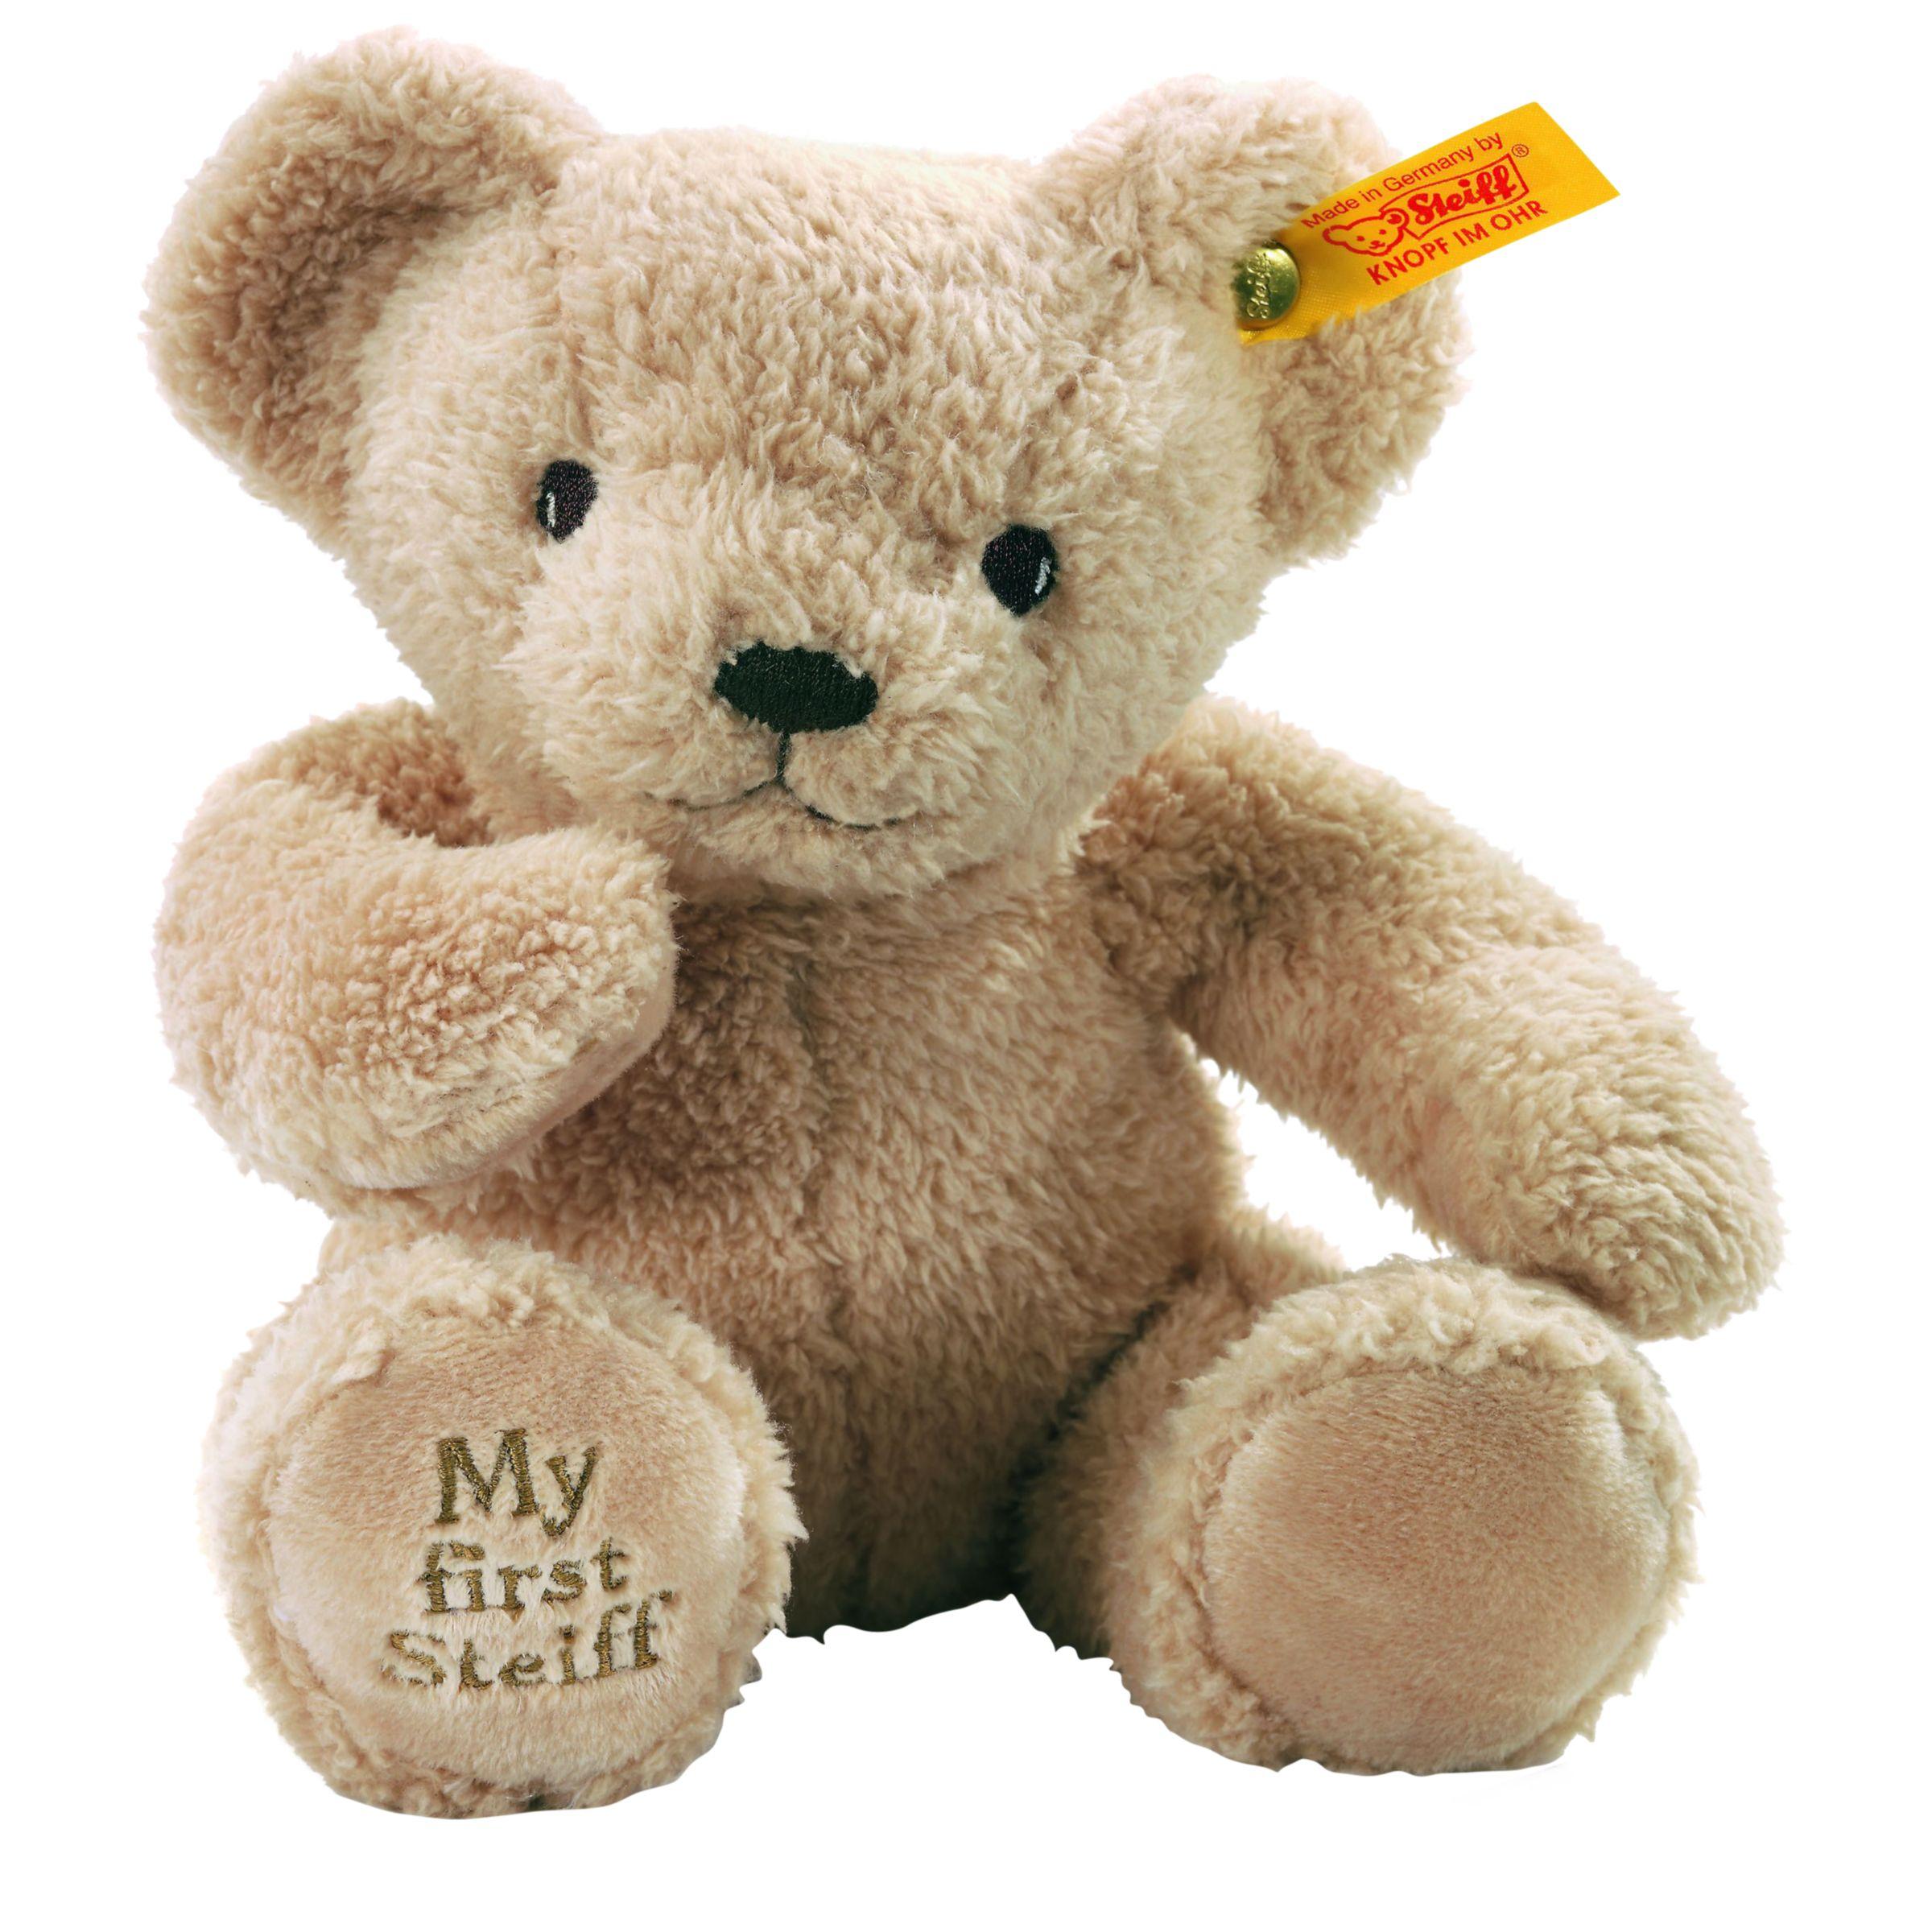 Steiff Steiff My First Teddy Bear